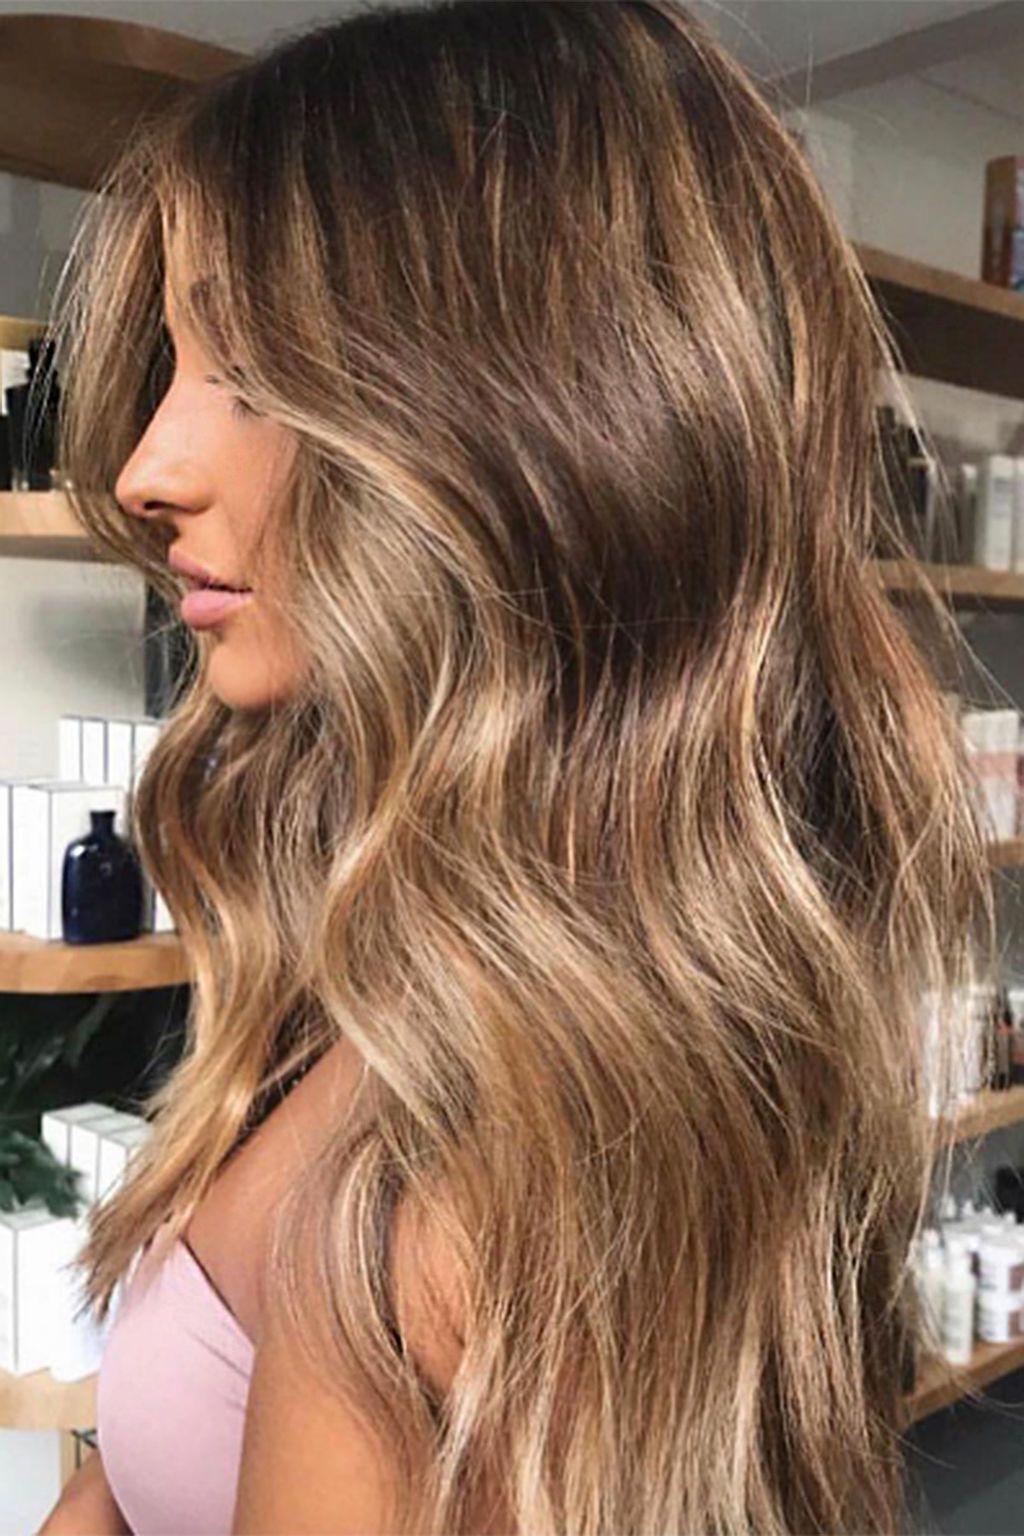 Olaplex : Haarefärben ohne Schäden